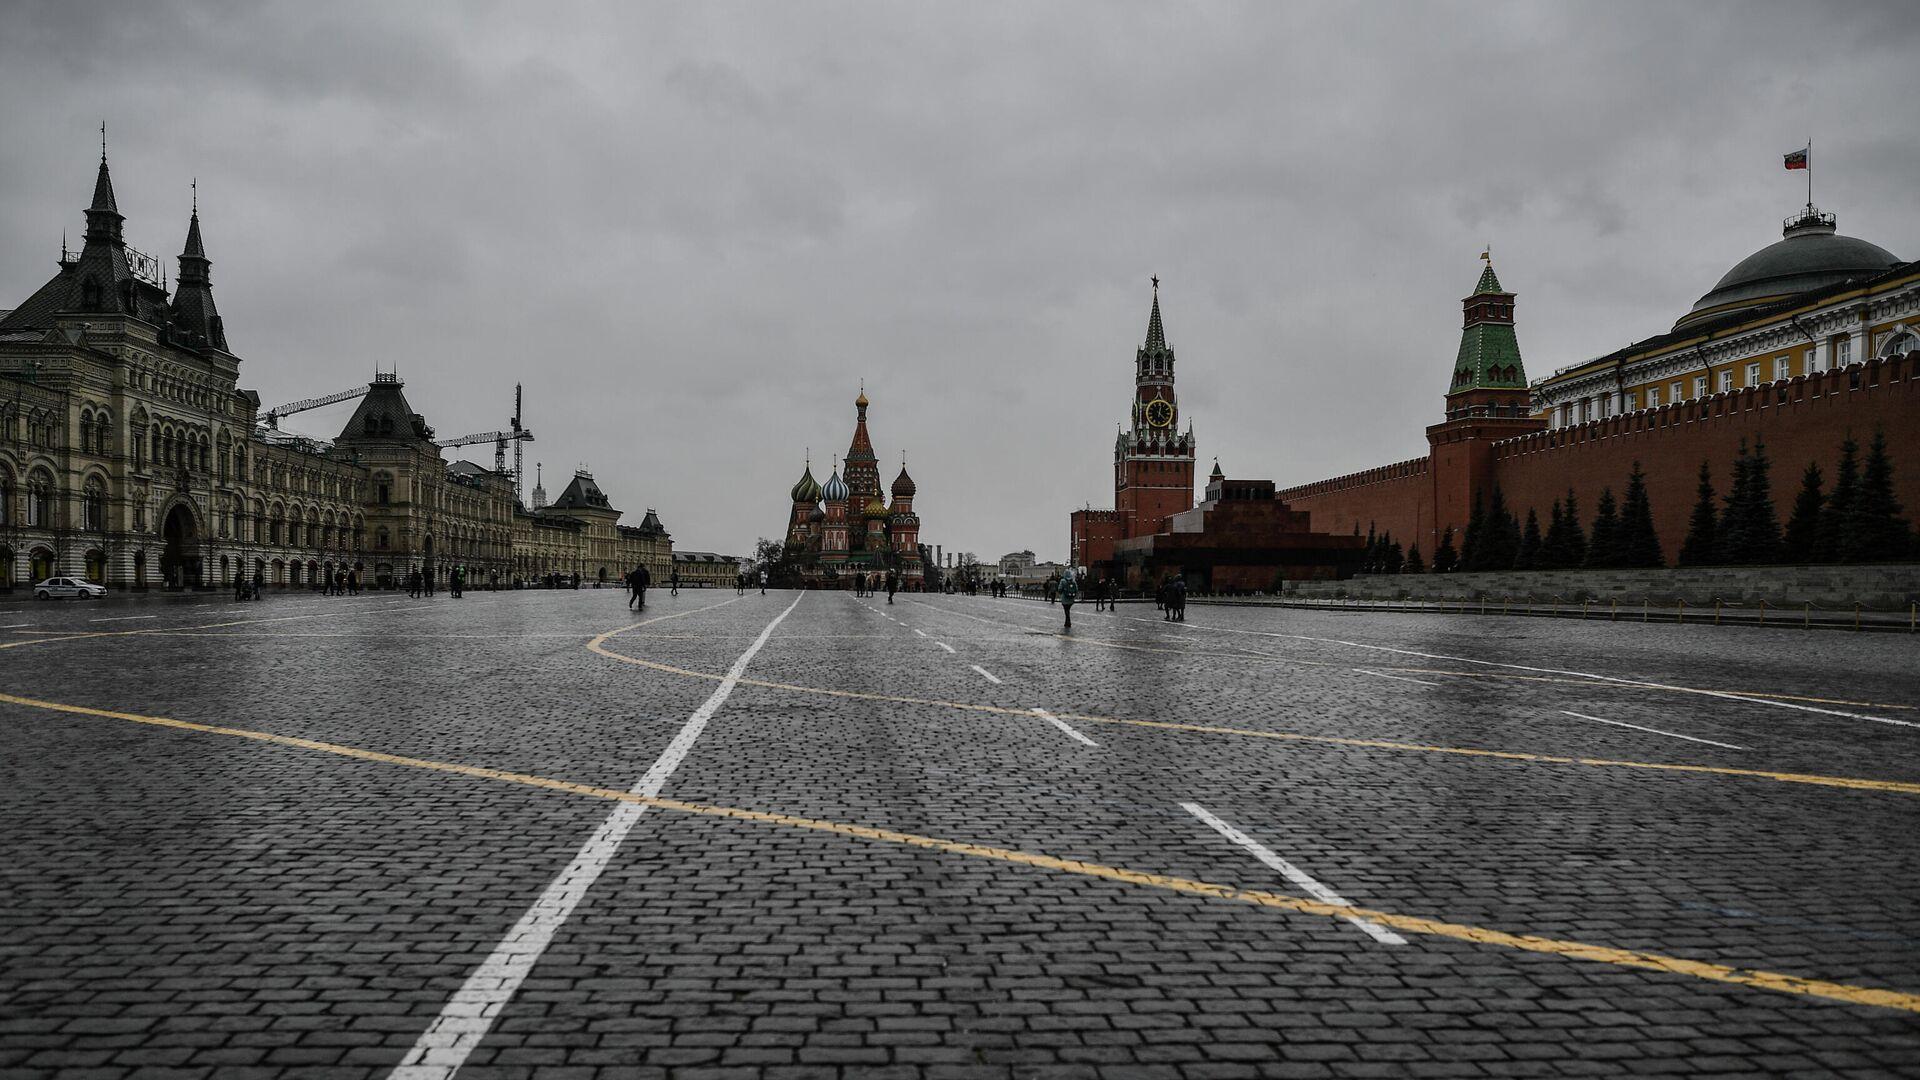 На Красной площади в пасмурную погоду. - РИА Новости, 1920, 31.03.2021